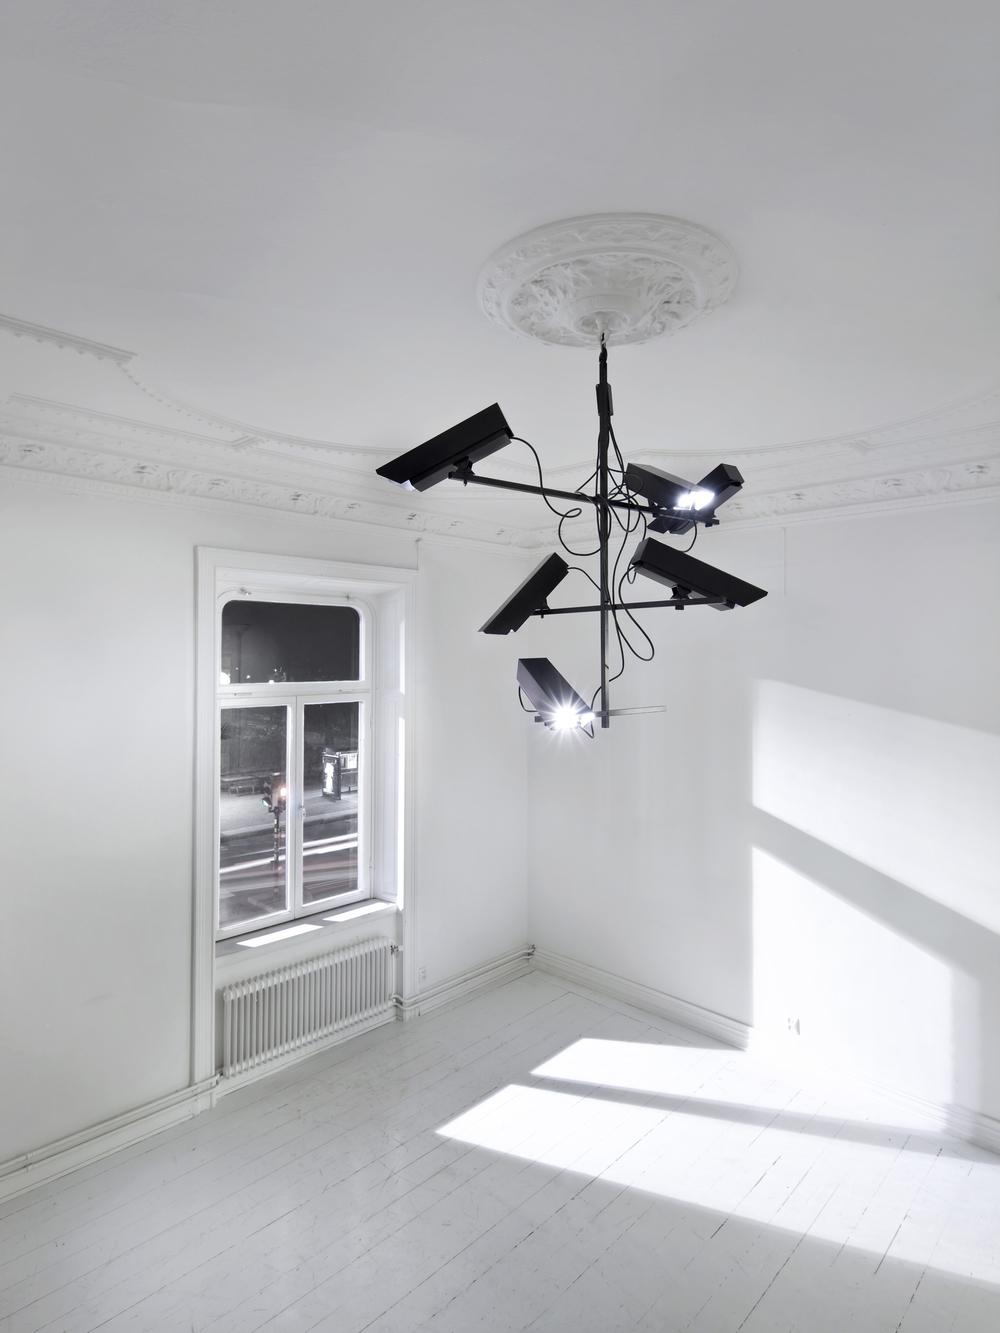 003_Surveillance chandelier.jpg